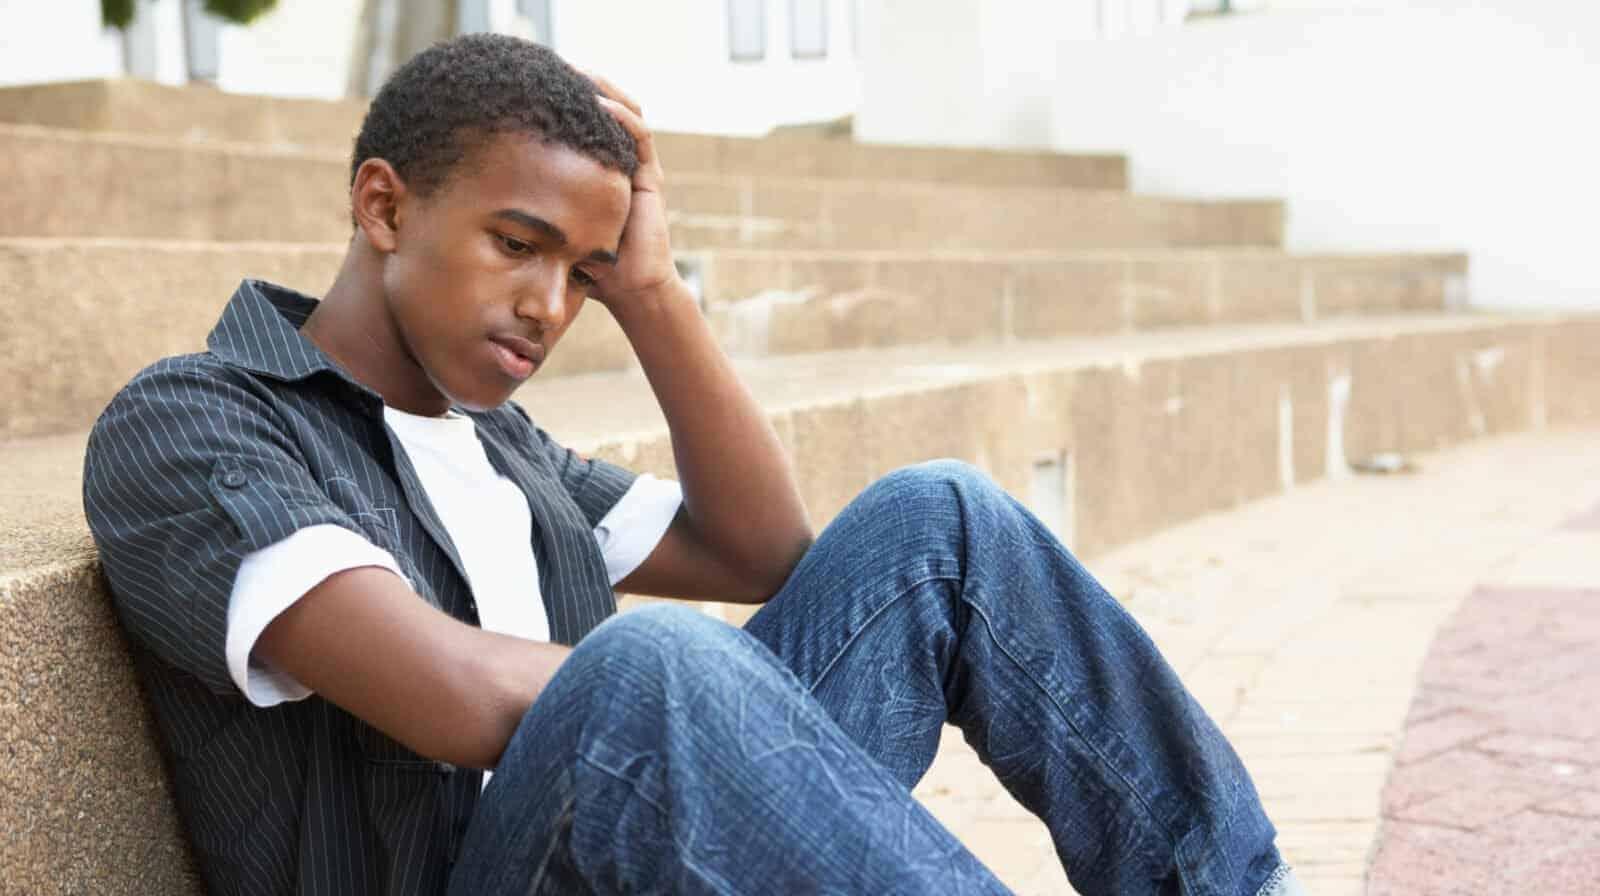 Male College Student Depression